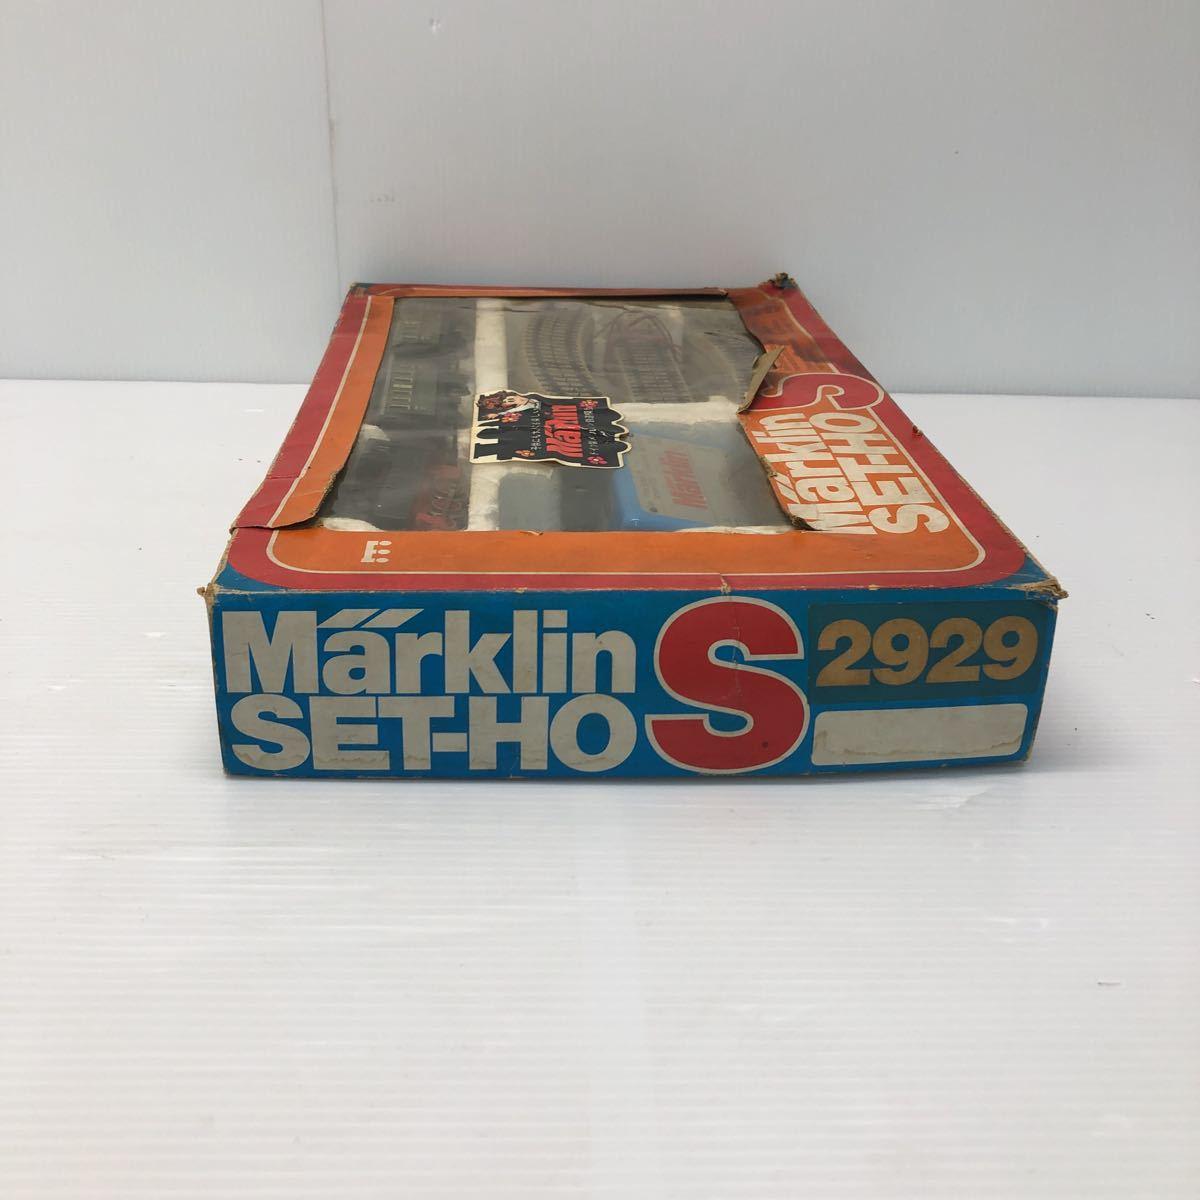 Marklin メルクリン 鉄道模型 SET-HO S 2929 ポイントレール 基本セット ドイツ製 1円スタート 動作未確認 ジャンク扱い_画像8